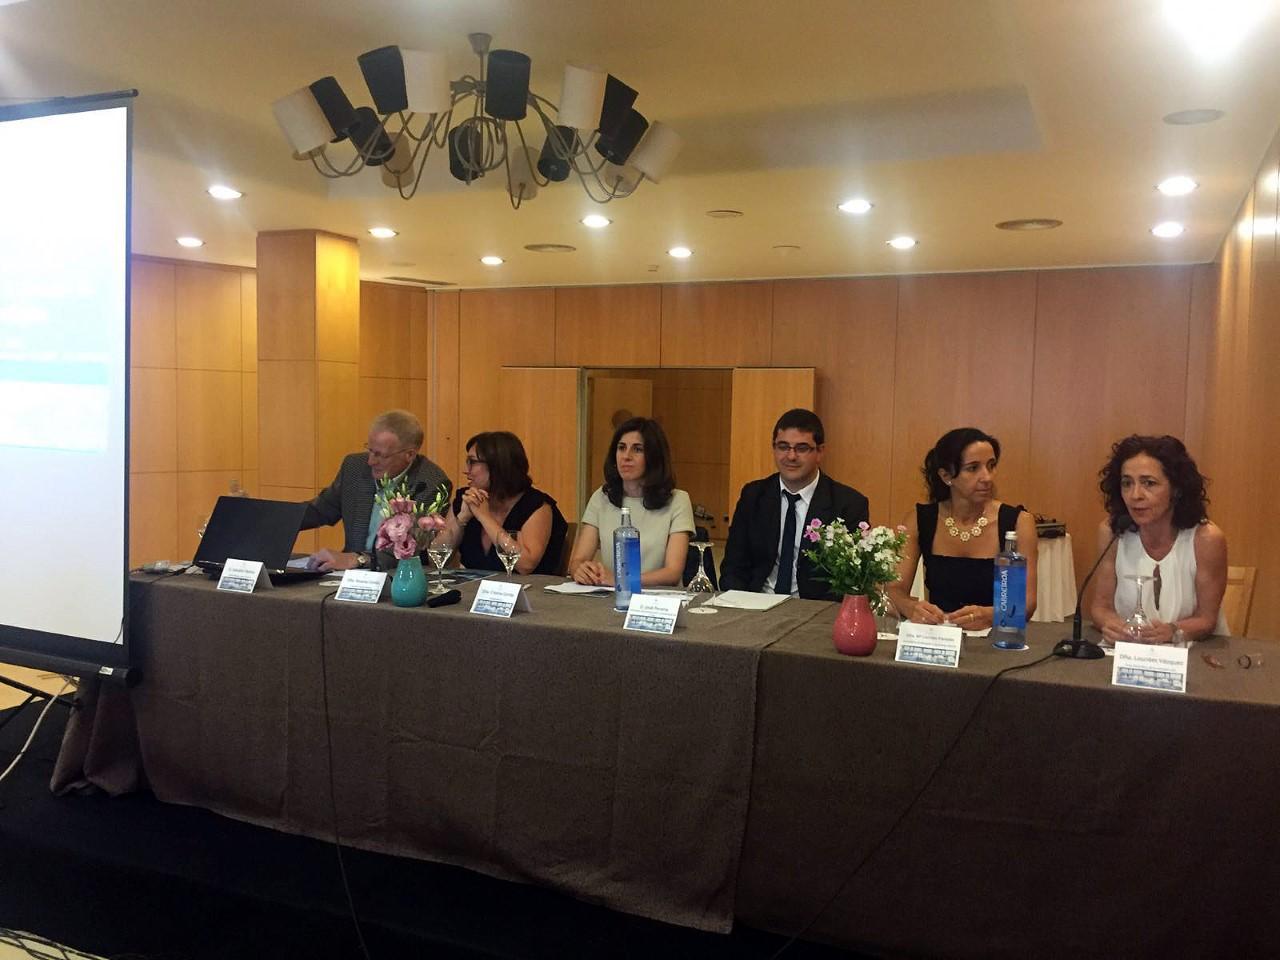 Curso de Oncoloxía Integrativa en Oia: integrando outras miradas no proceso de atención a pacientes oncolóxicos